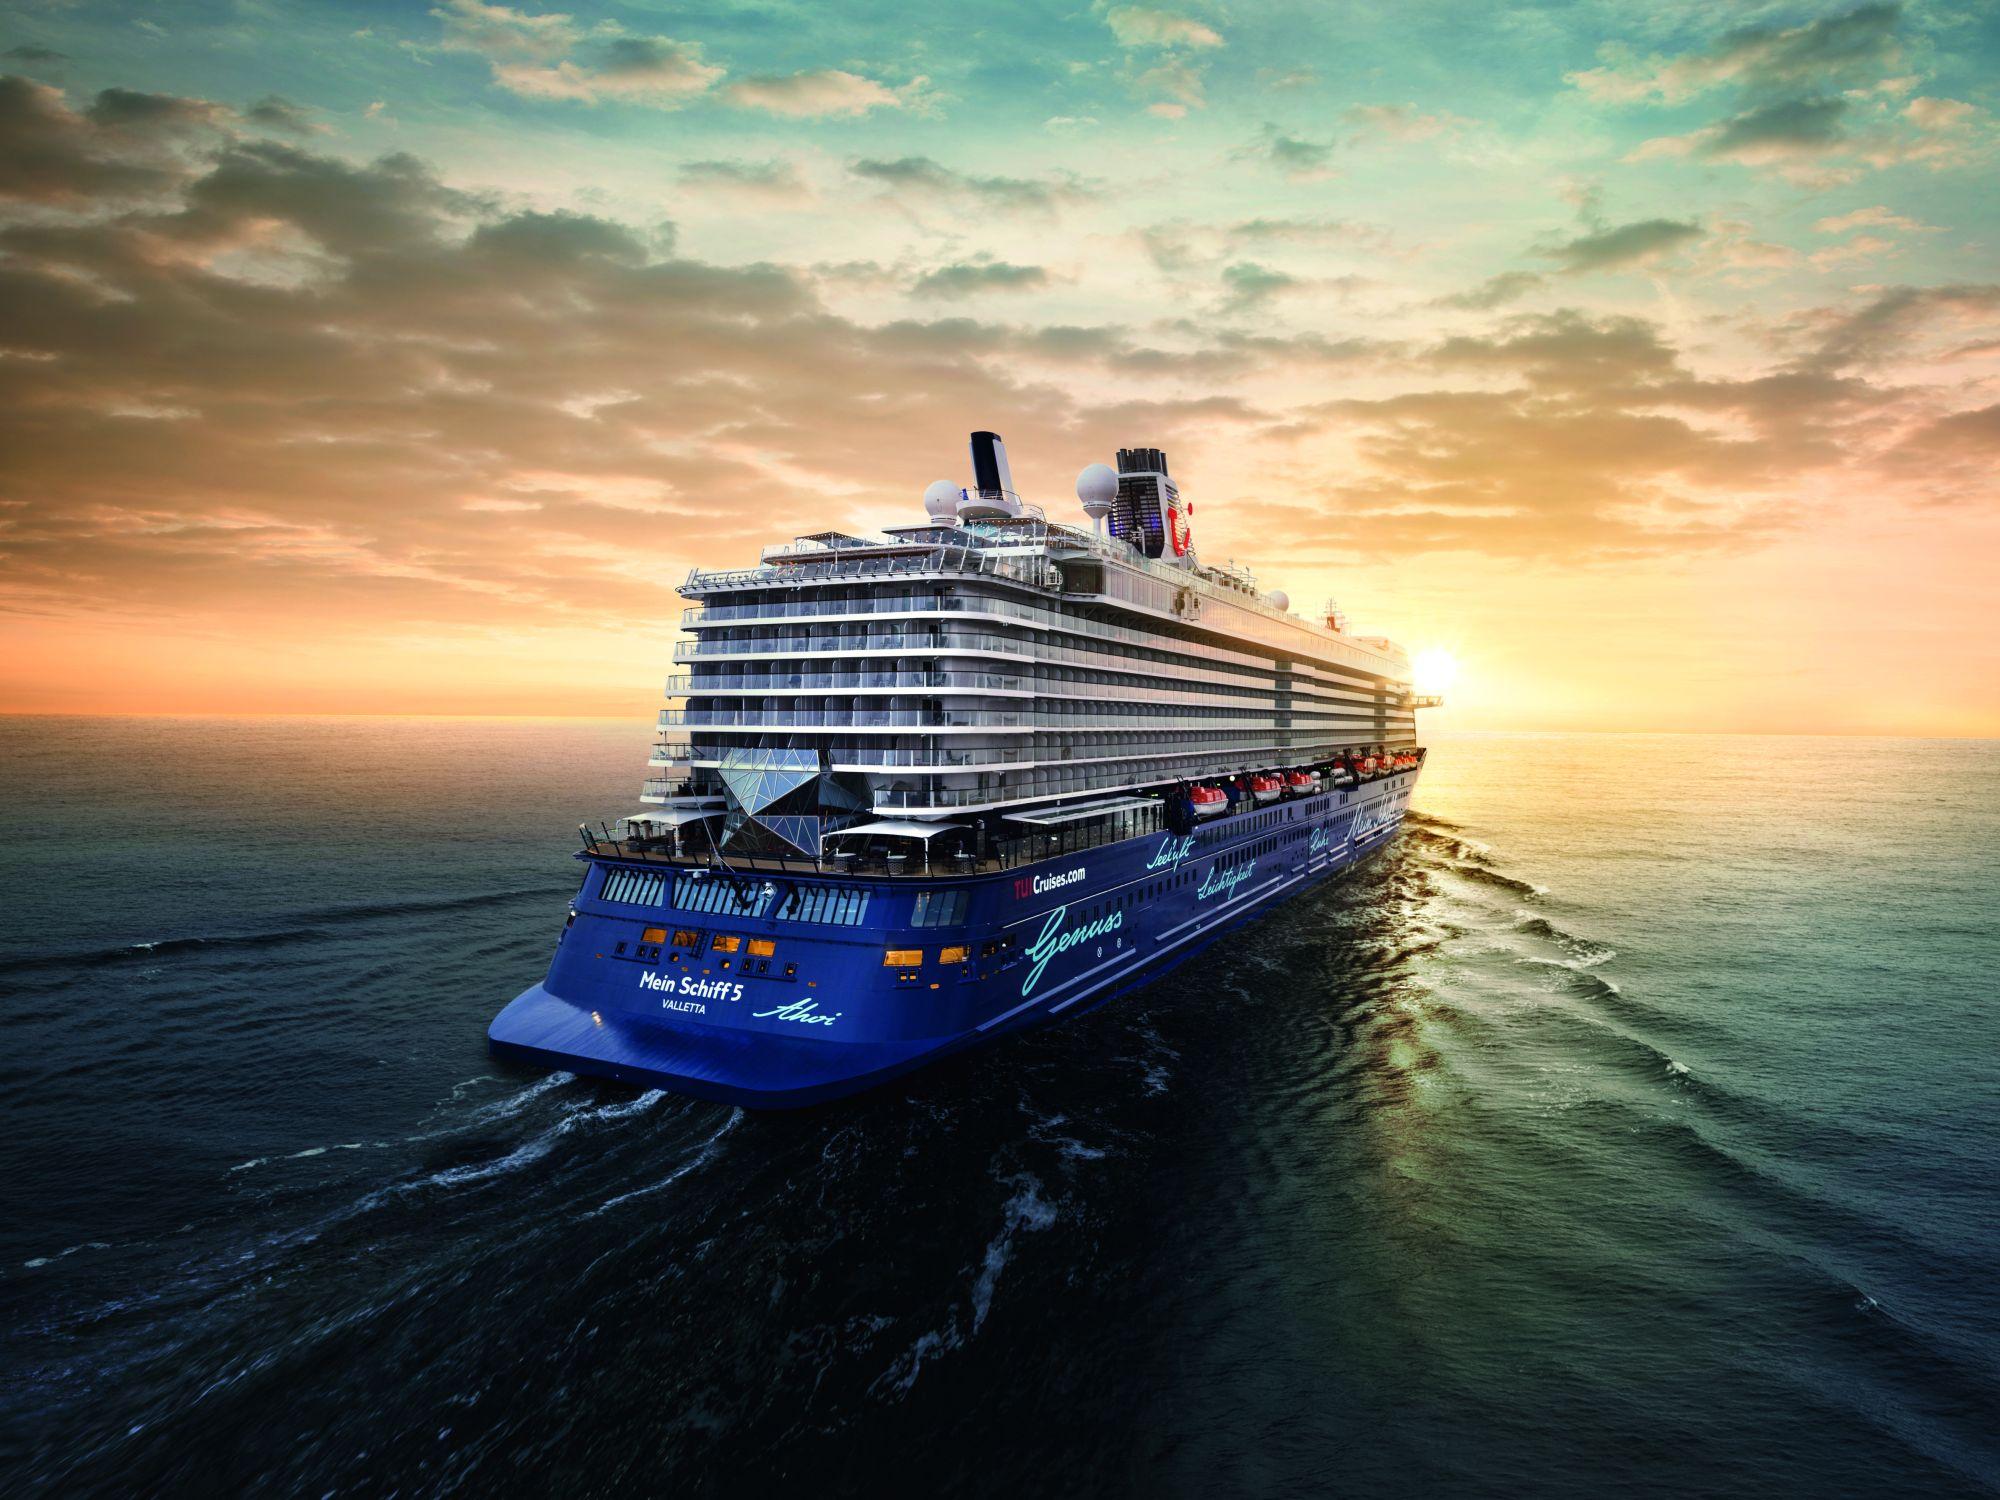 Heckansicht der Mein Schiff 5 (Bild: TUI Cruises GmbH)